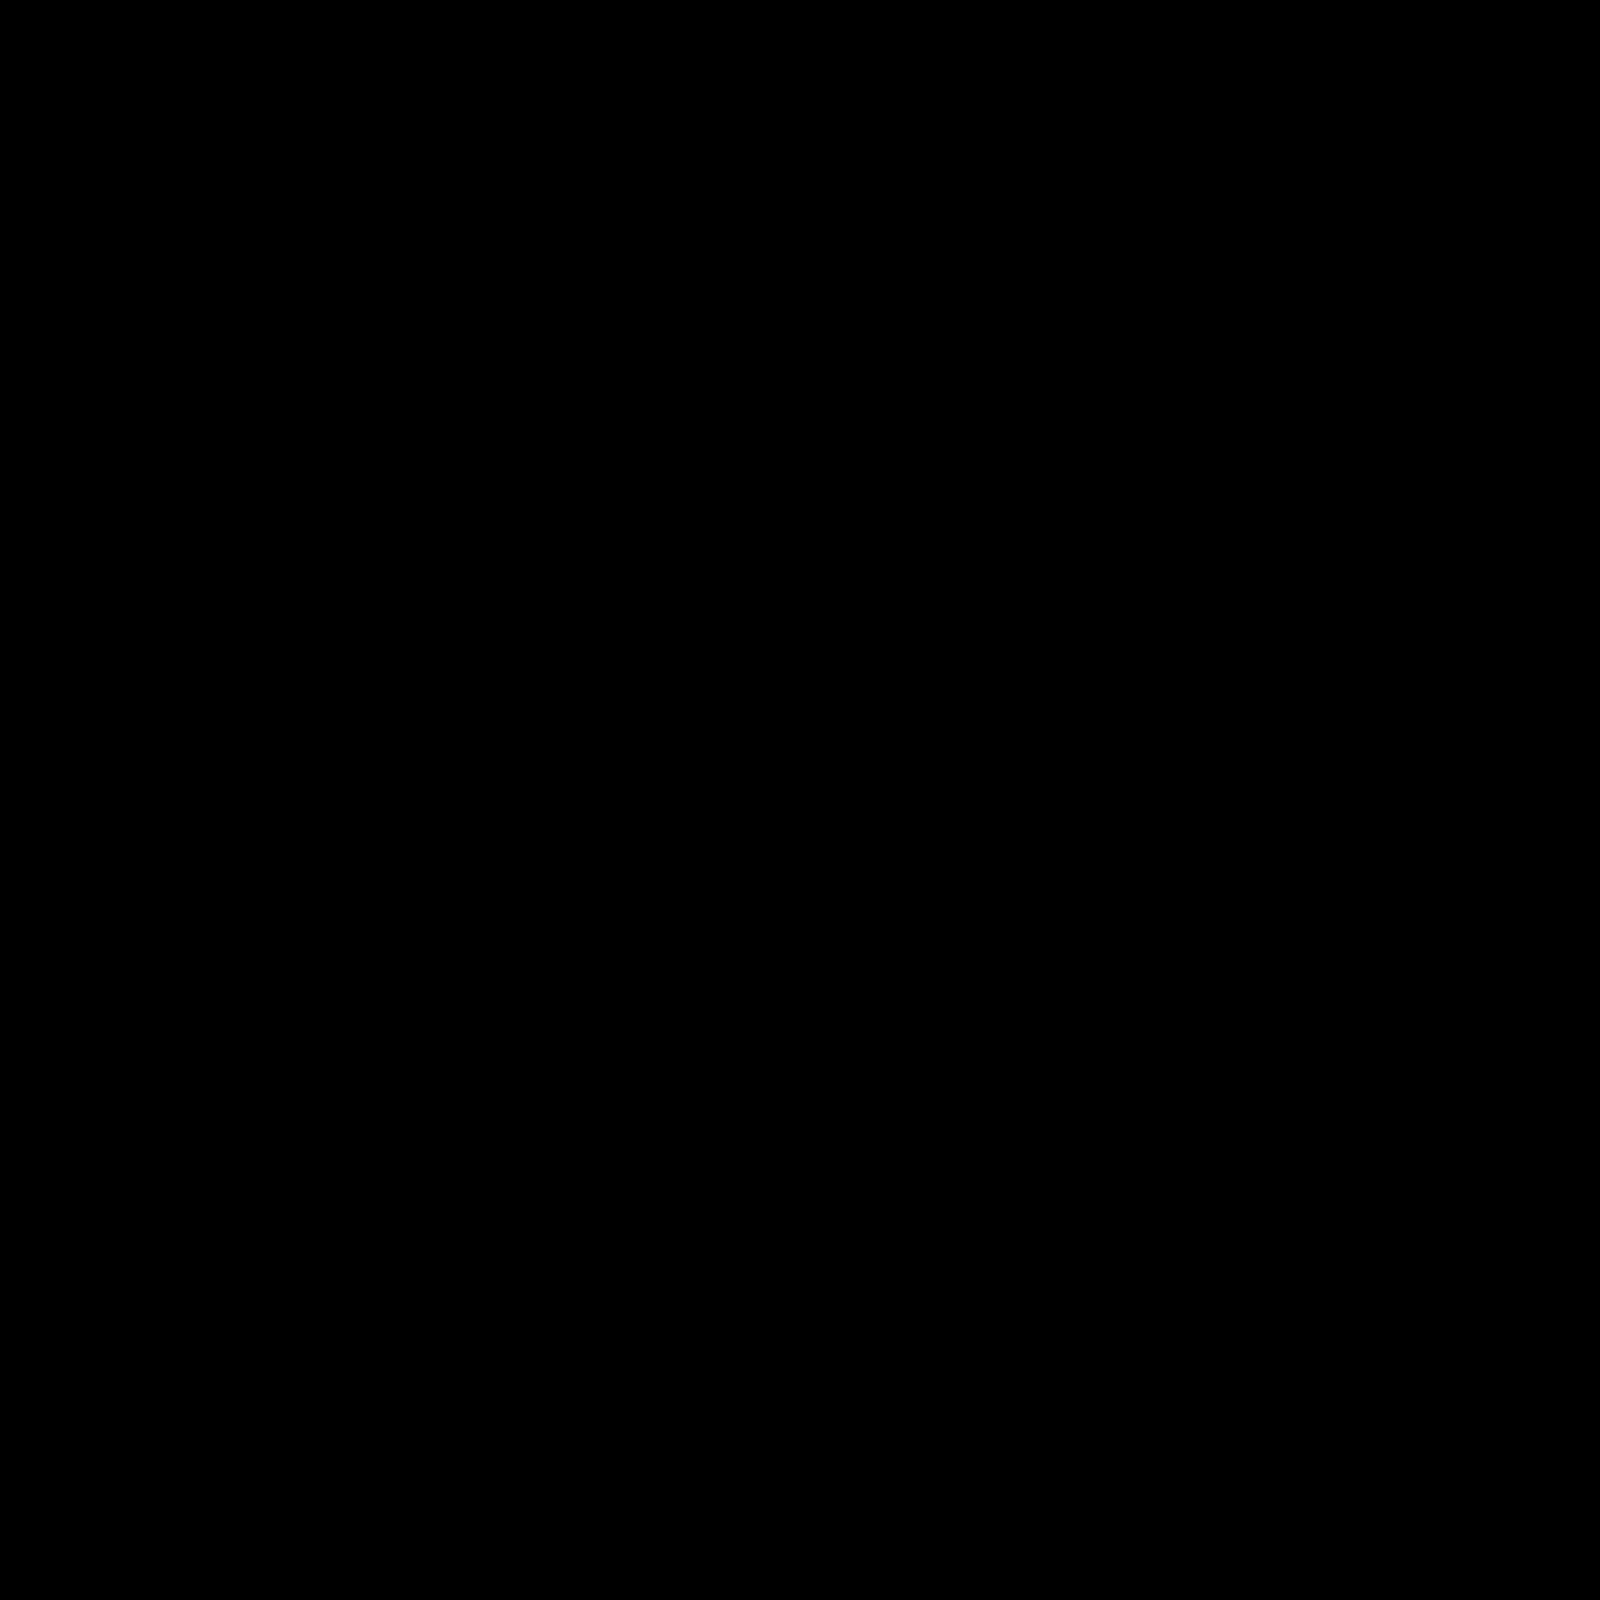 Иконка Epson - скачать бесплатно в PNG и векторе bfff331c87c